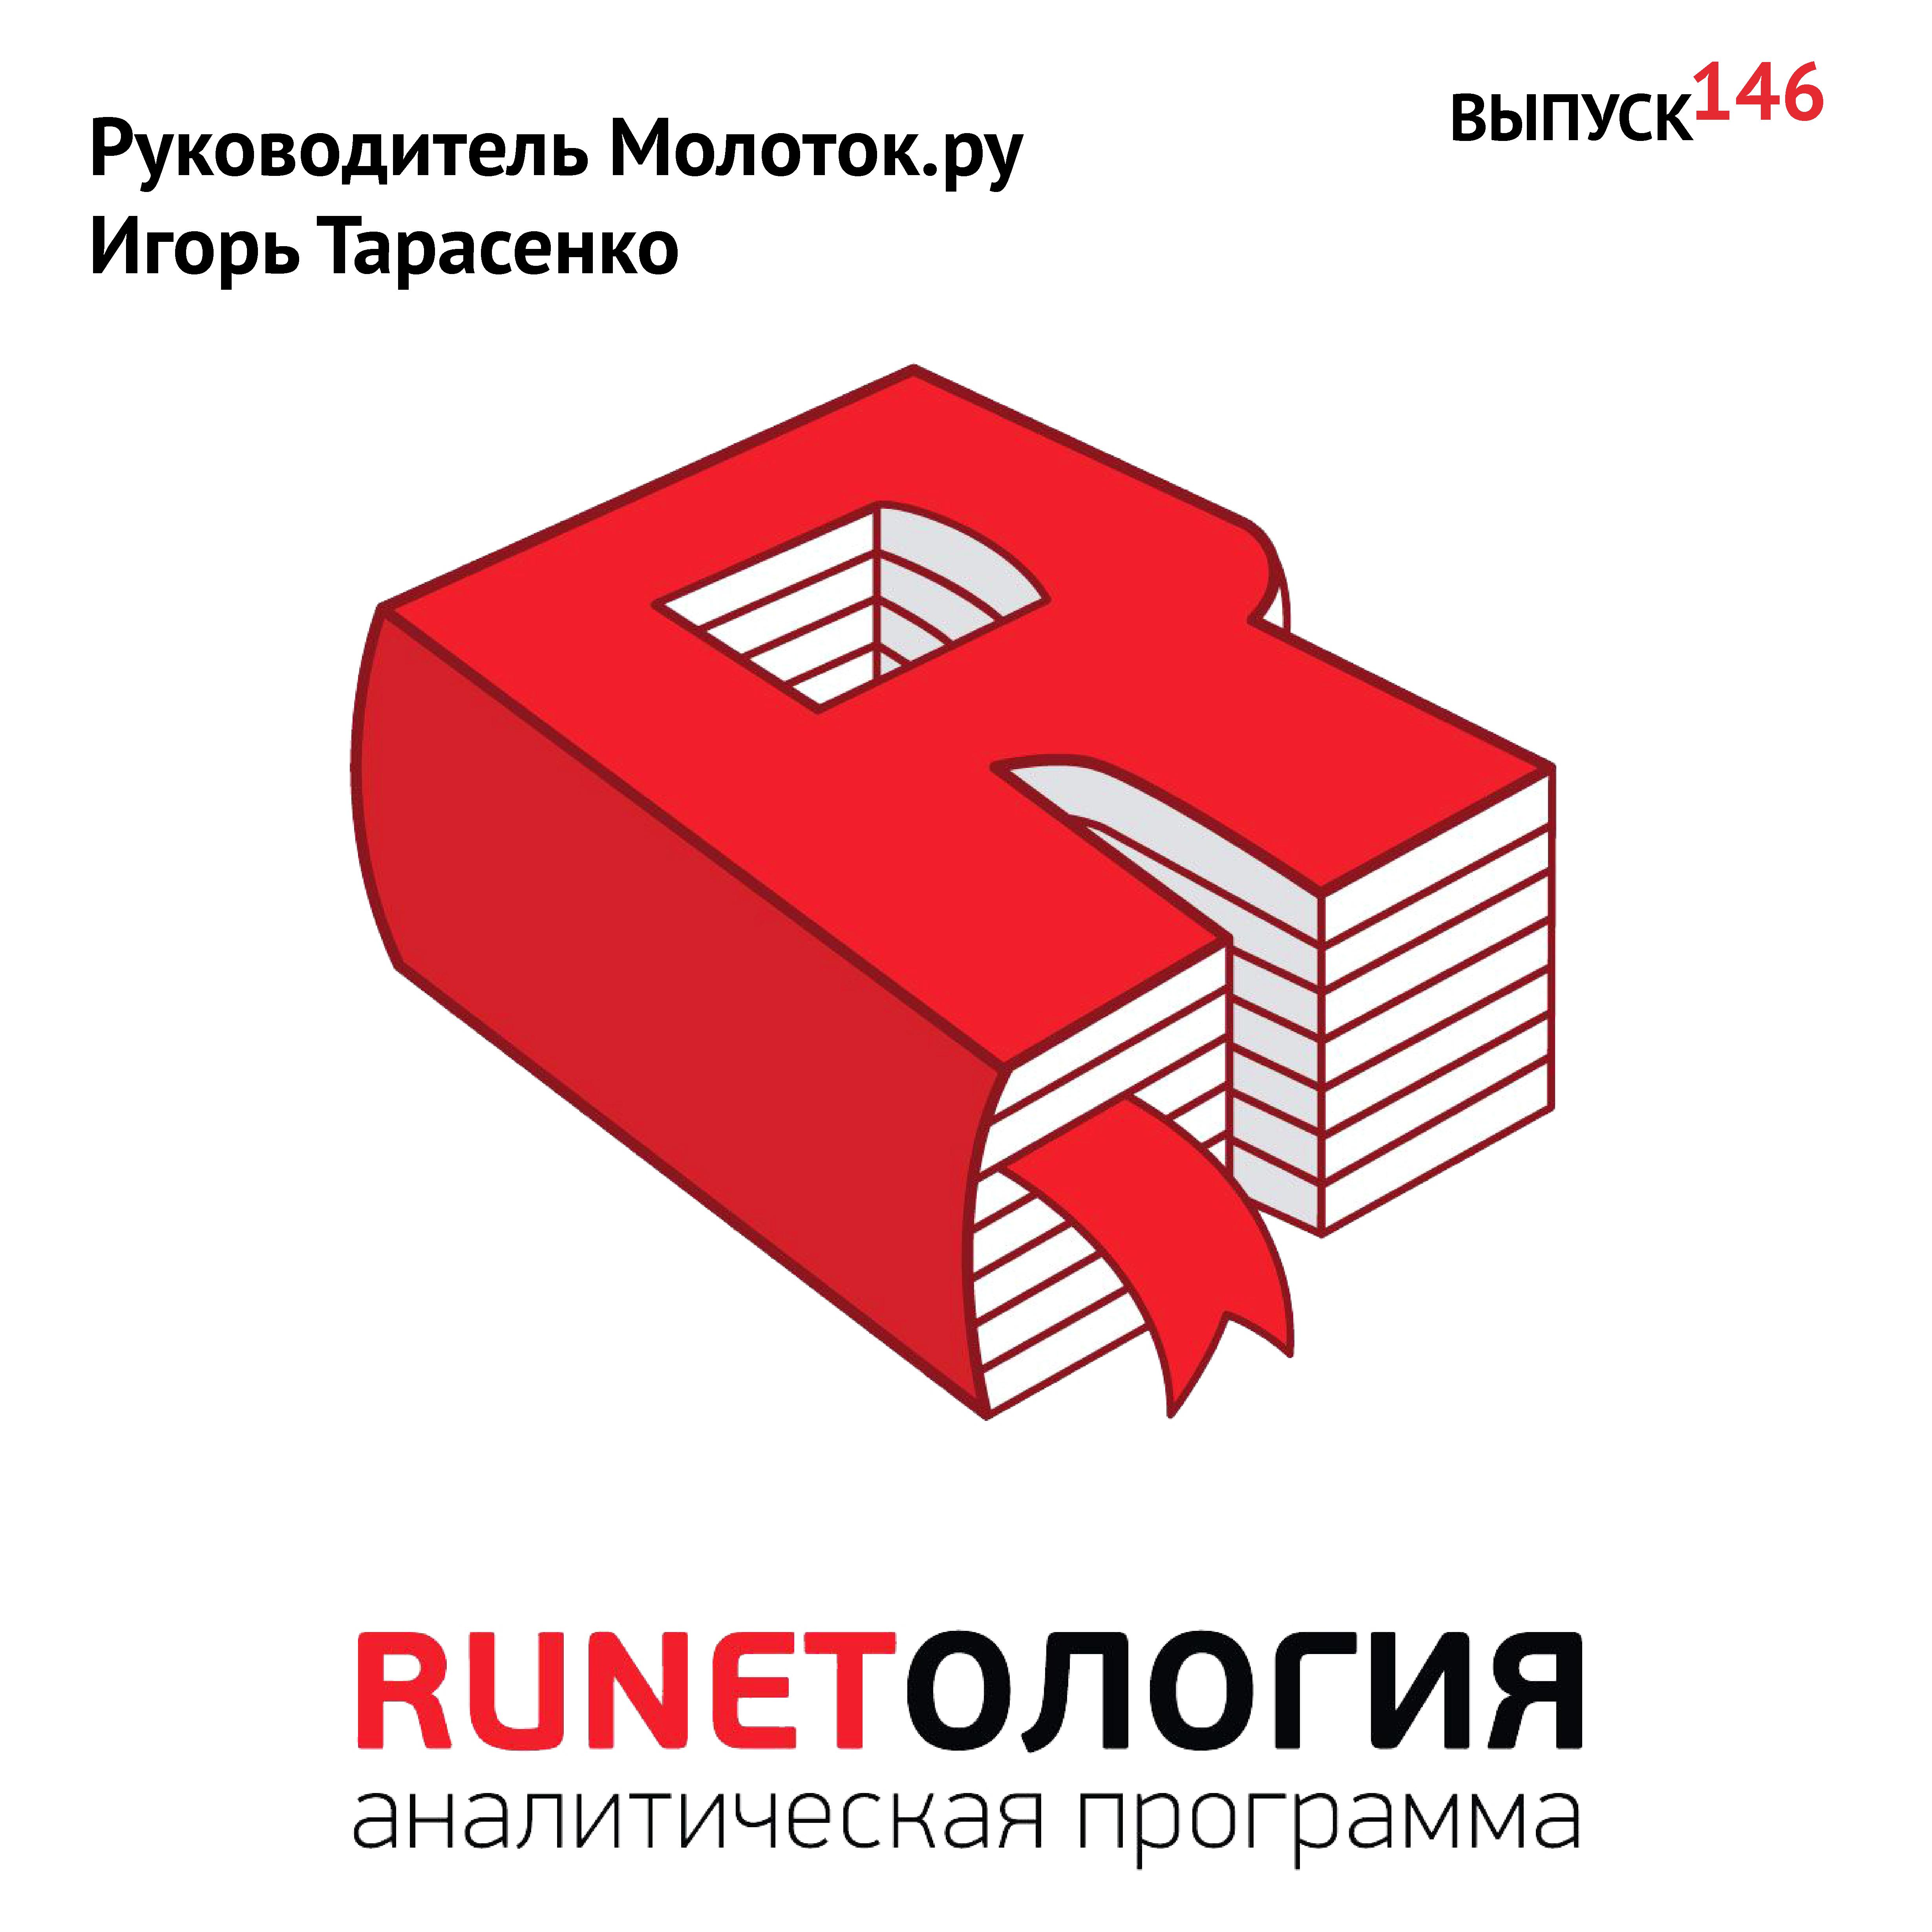 Максим Спиридонов Руководитель Молоток.ру Игорь Тарасенко